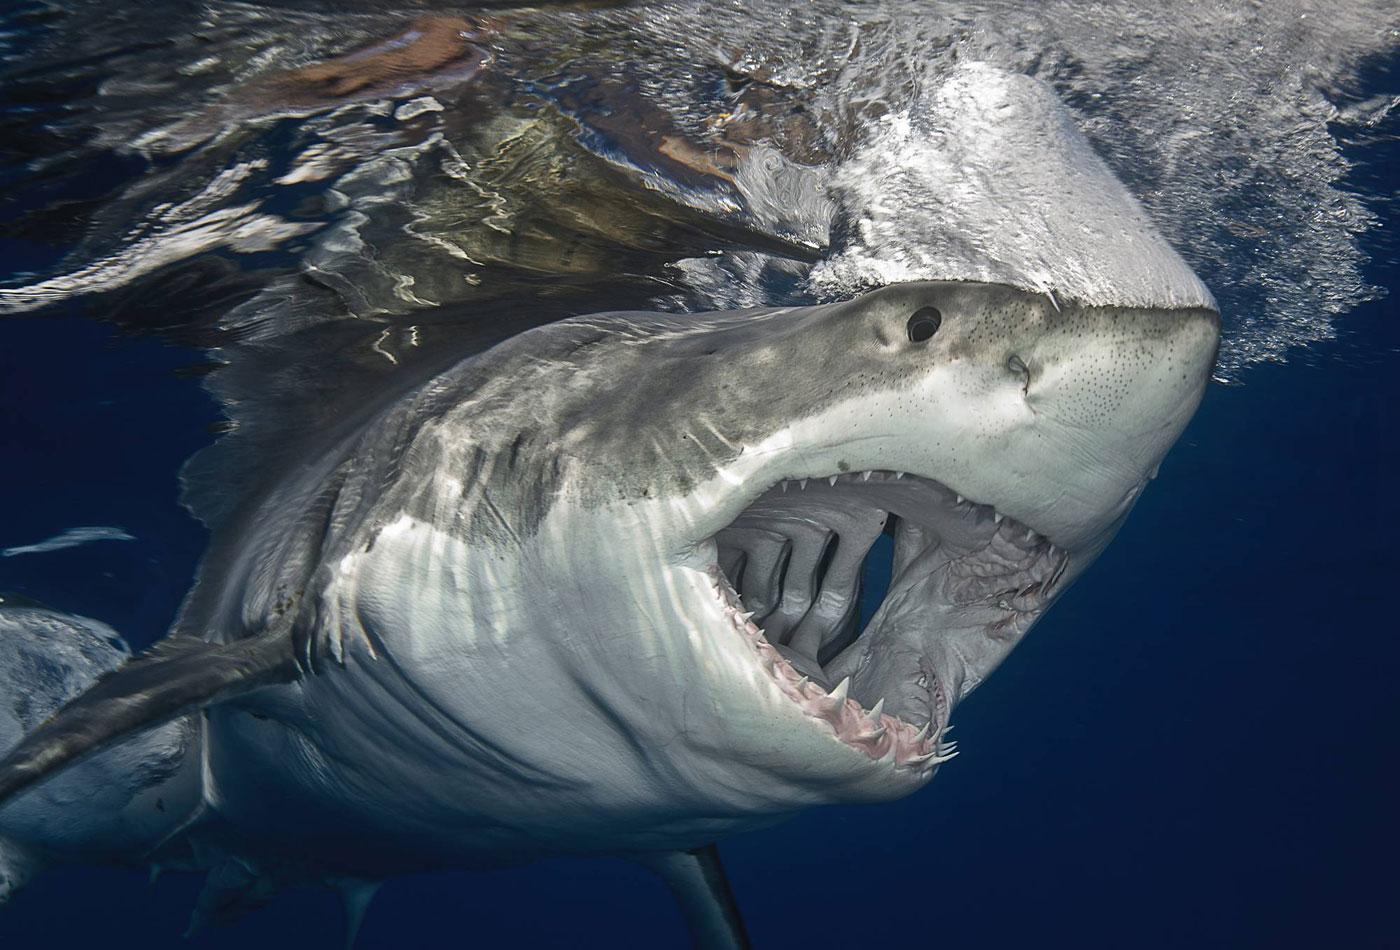 фотки про больших акул предохранителя, поворачиваясь